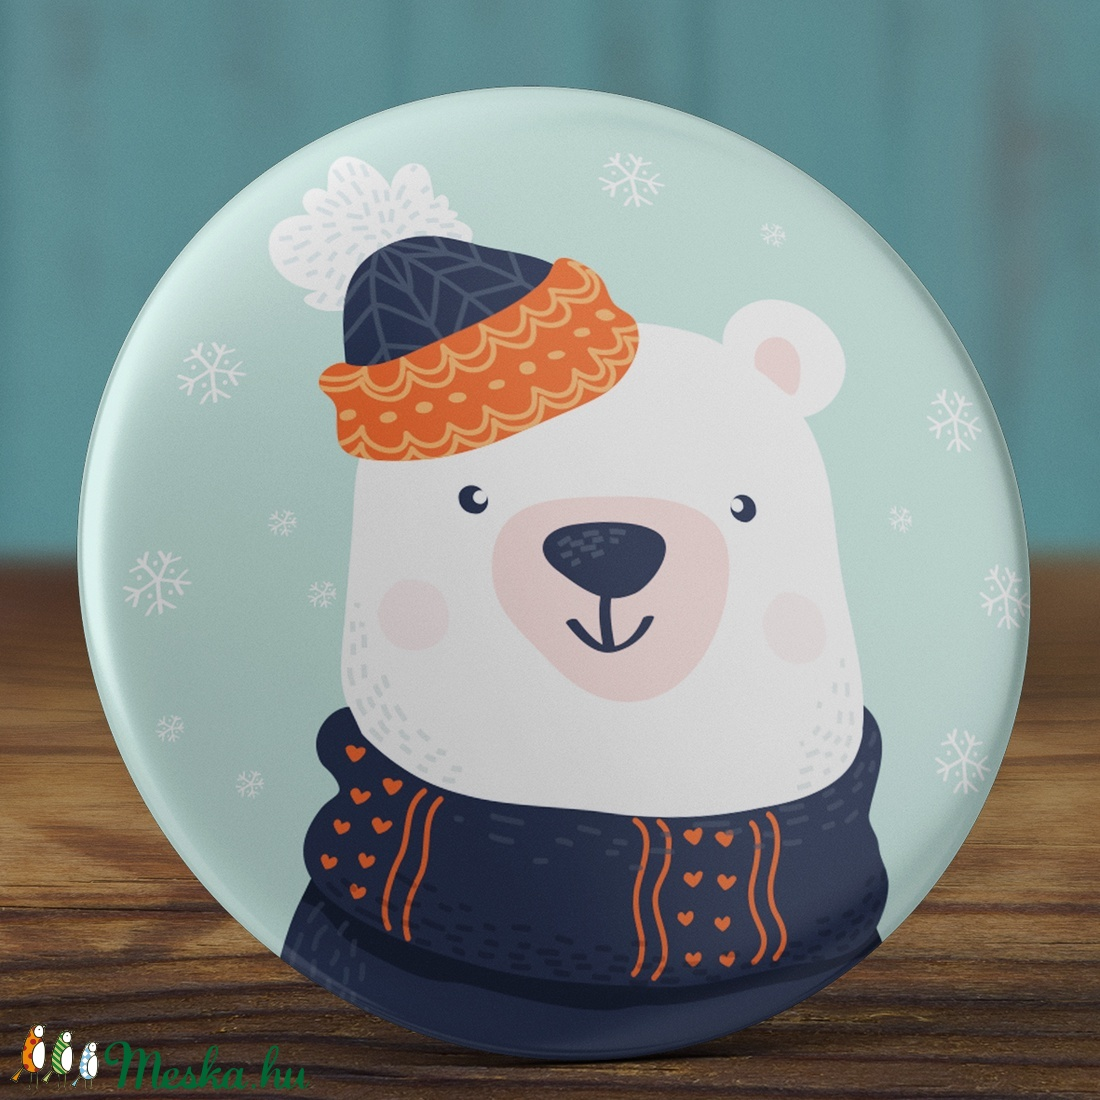 Karácsonyi tükör - Jegesmedve zsebtükör - karácsony tükör - jegesmedve tükör - karácsony ajándék - tél (AngelPin) - Meska.hu